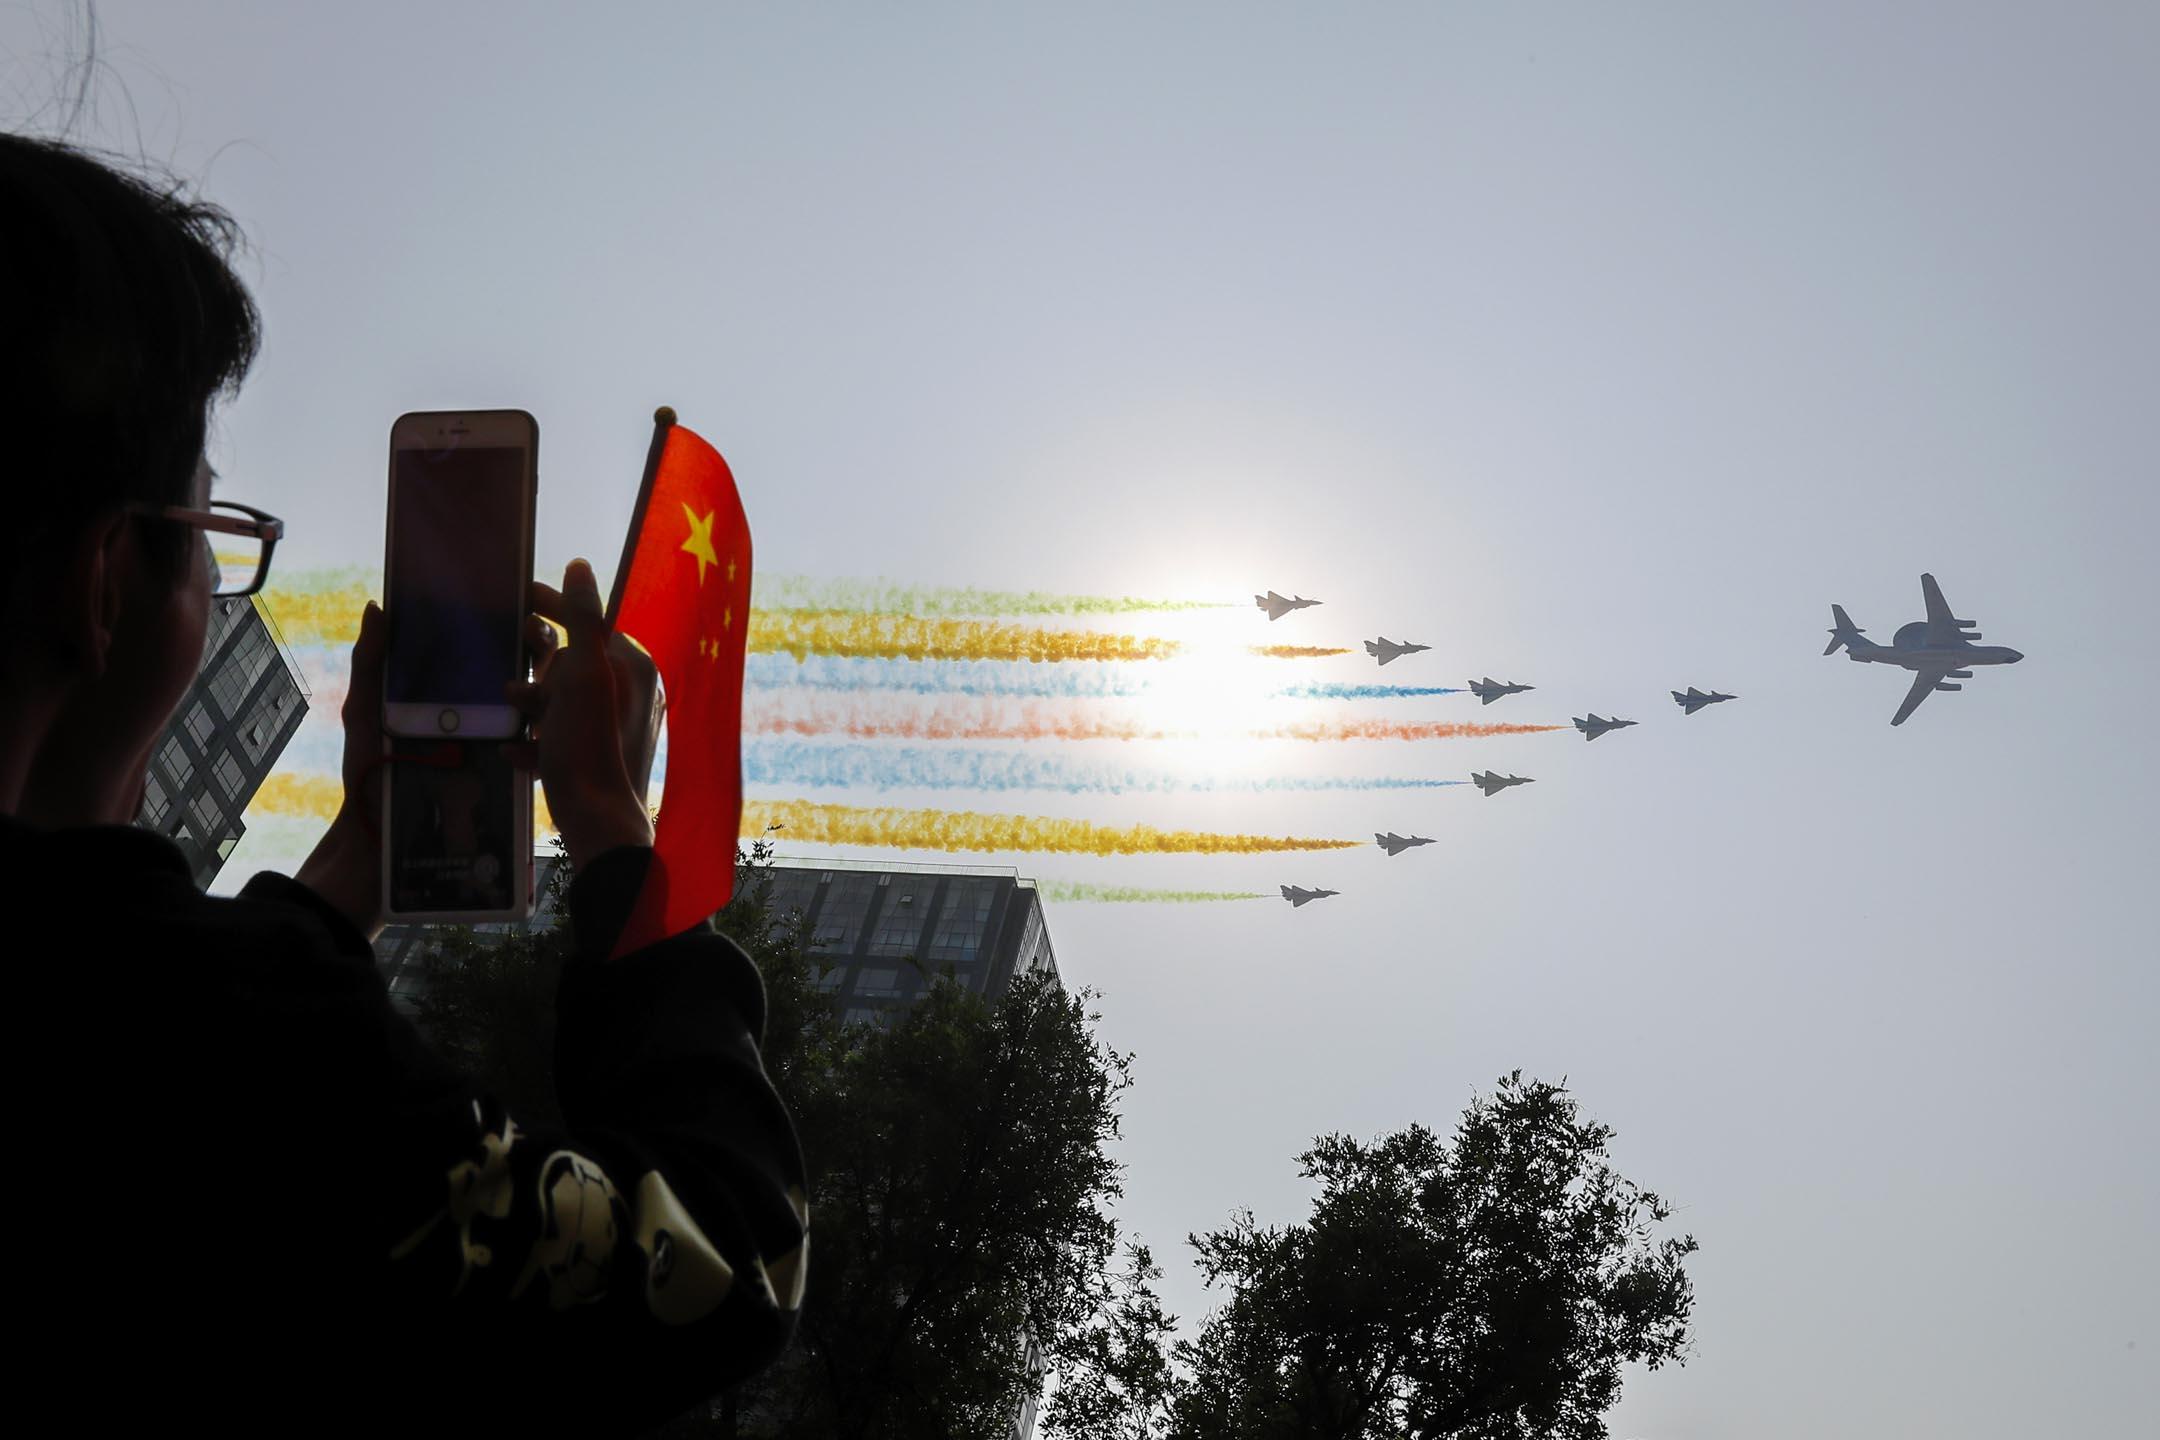 2019年10月1日,北京舉行的慶祝中國共產黨成立 70 週年的閱兵式上,一名男子用他的智能手機拍攝飛行中的中國軍機與彩色煙霧。